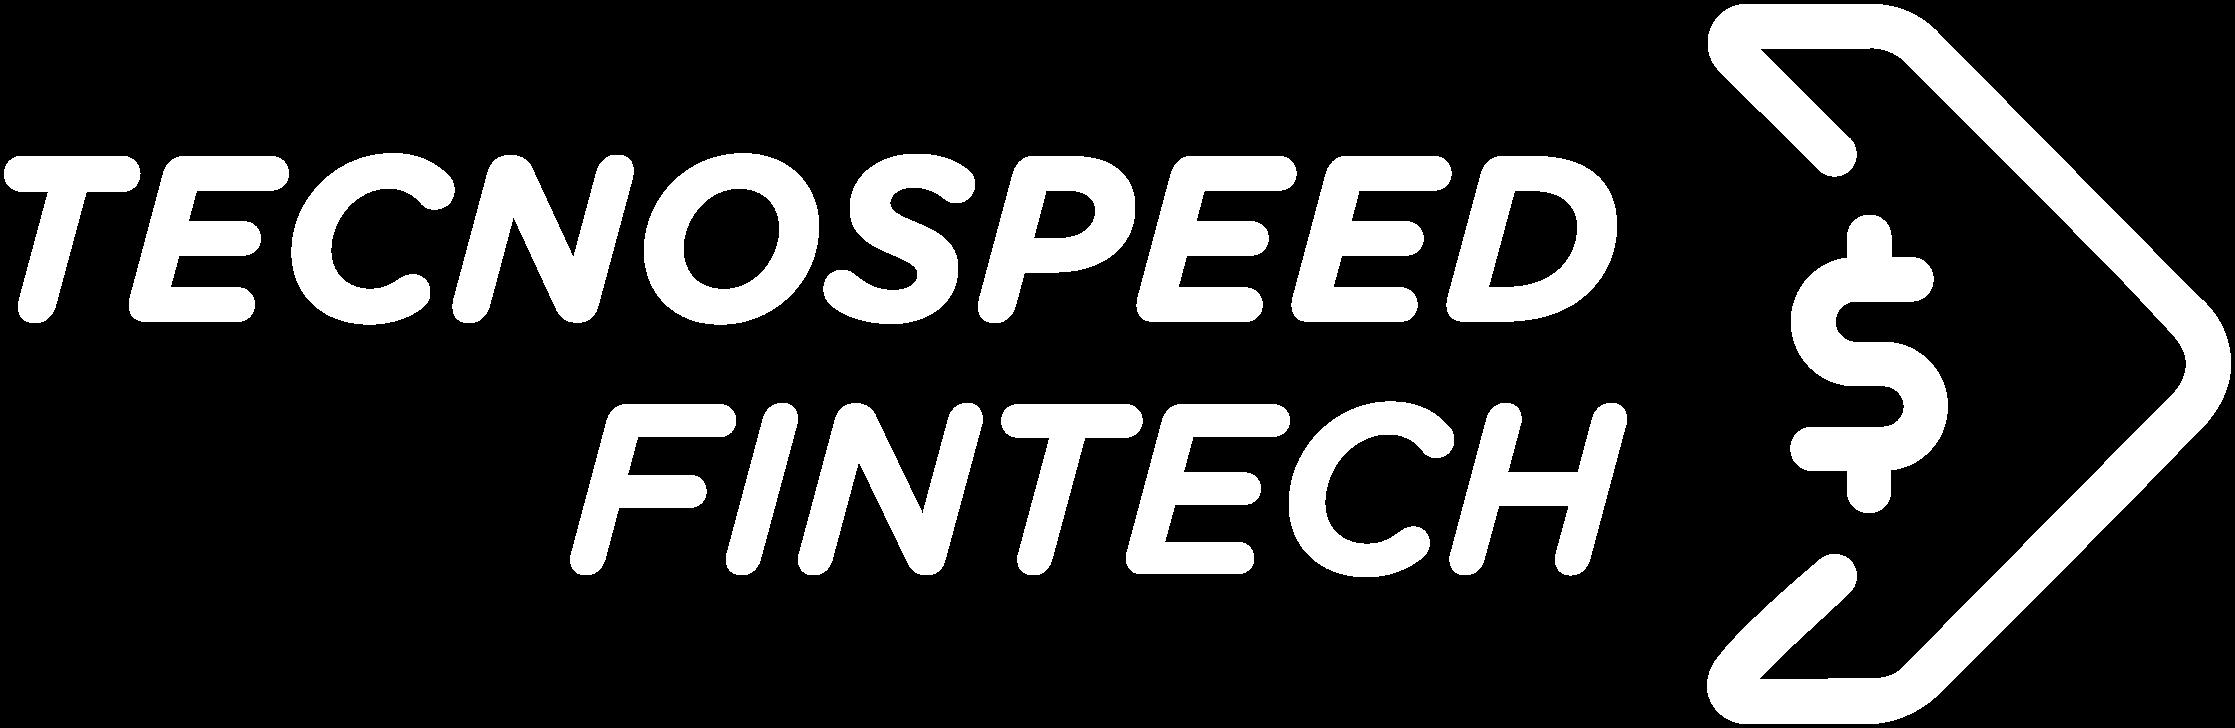 Fintech TecnoSpeed